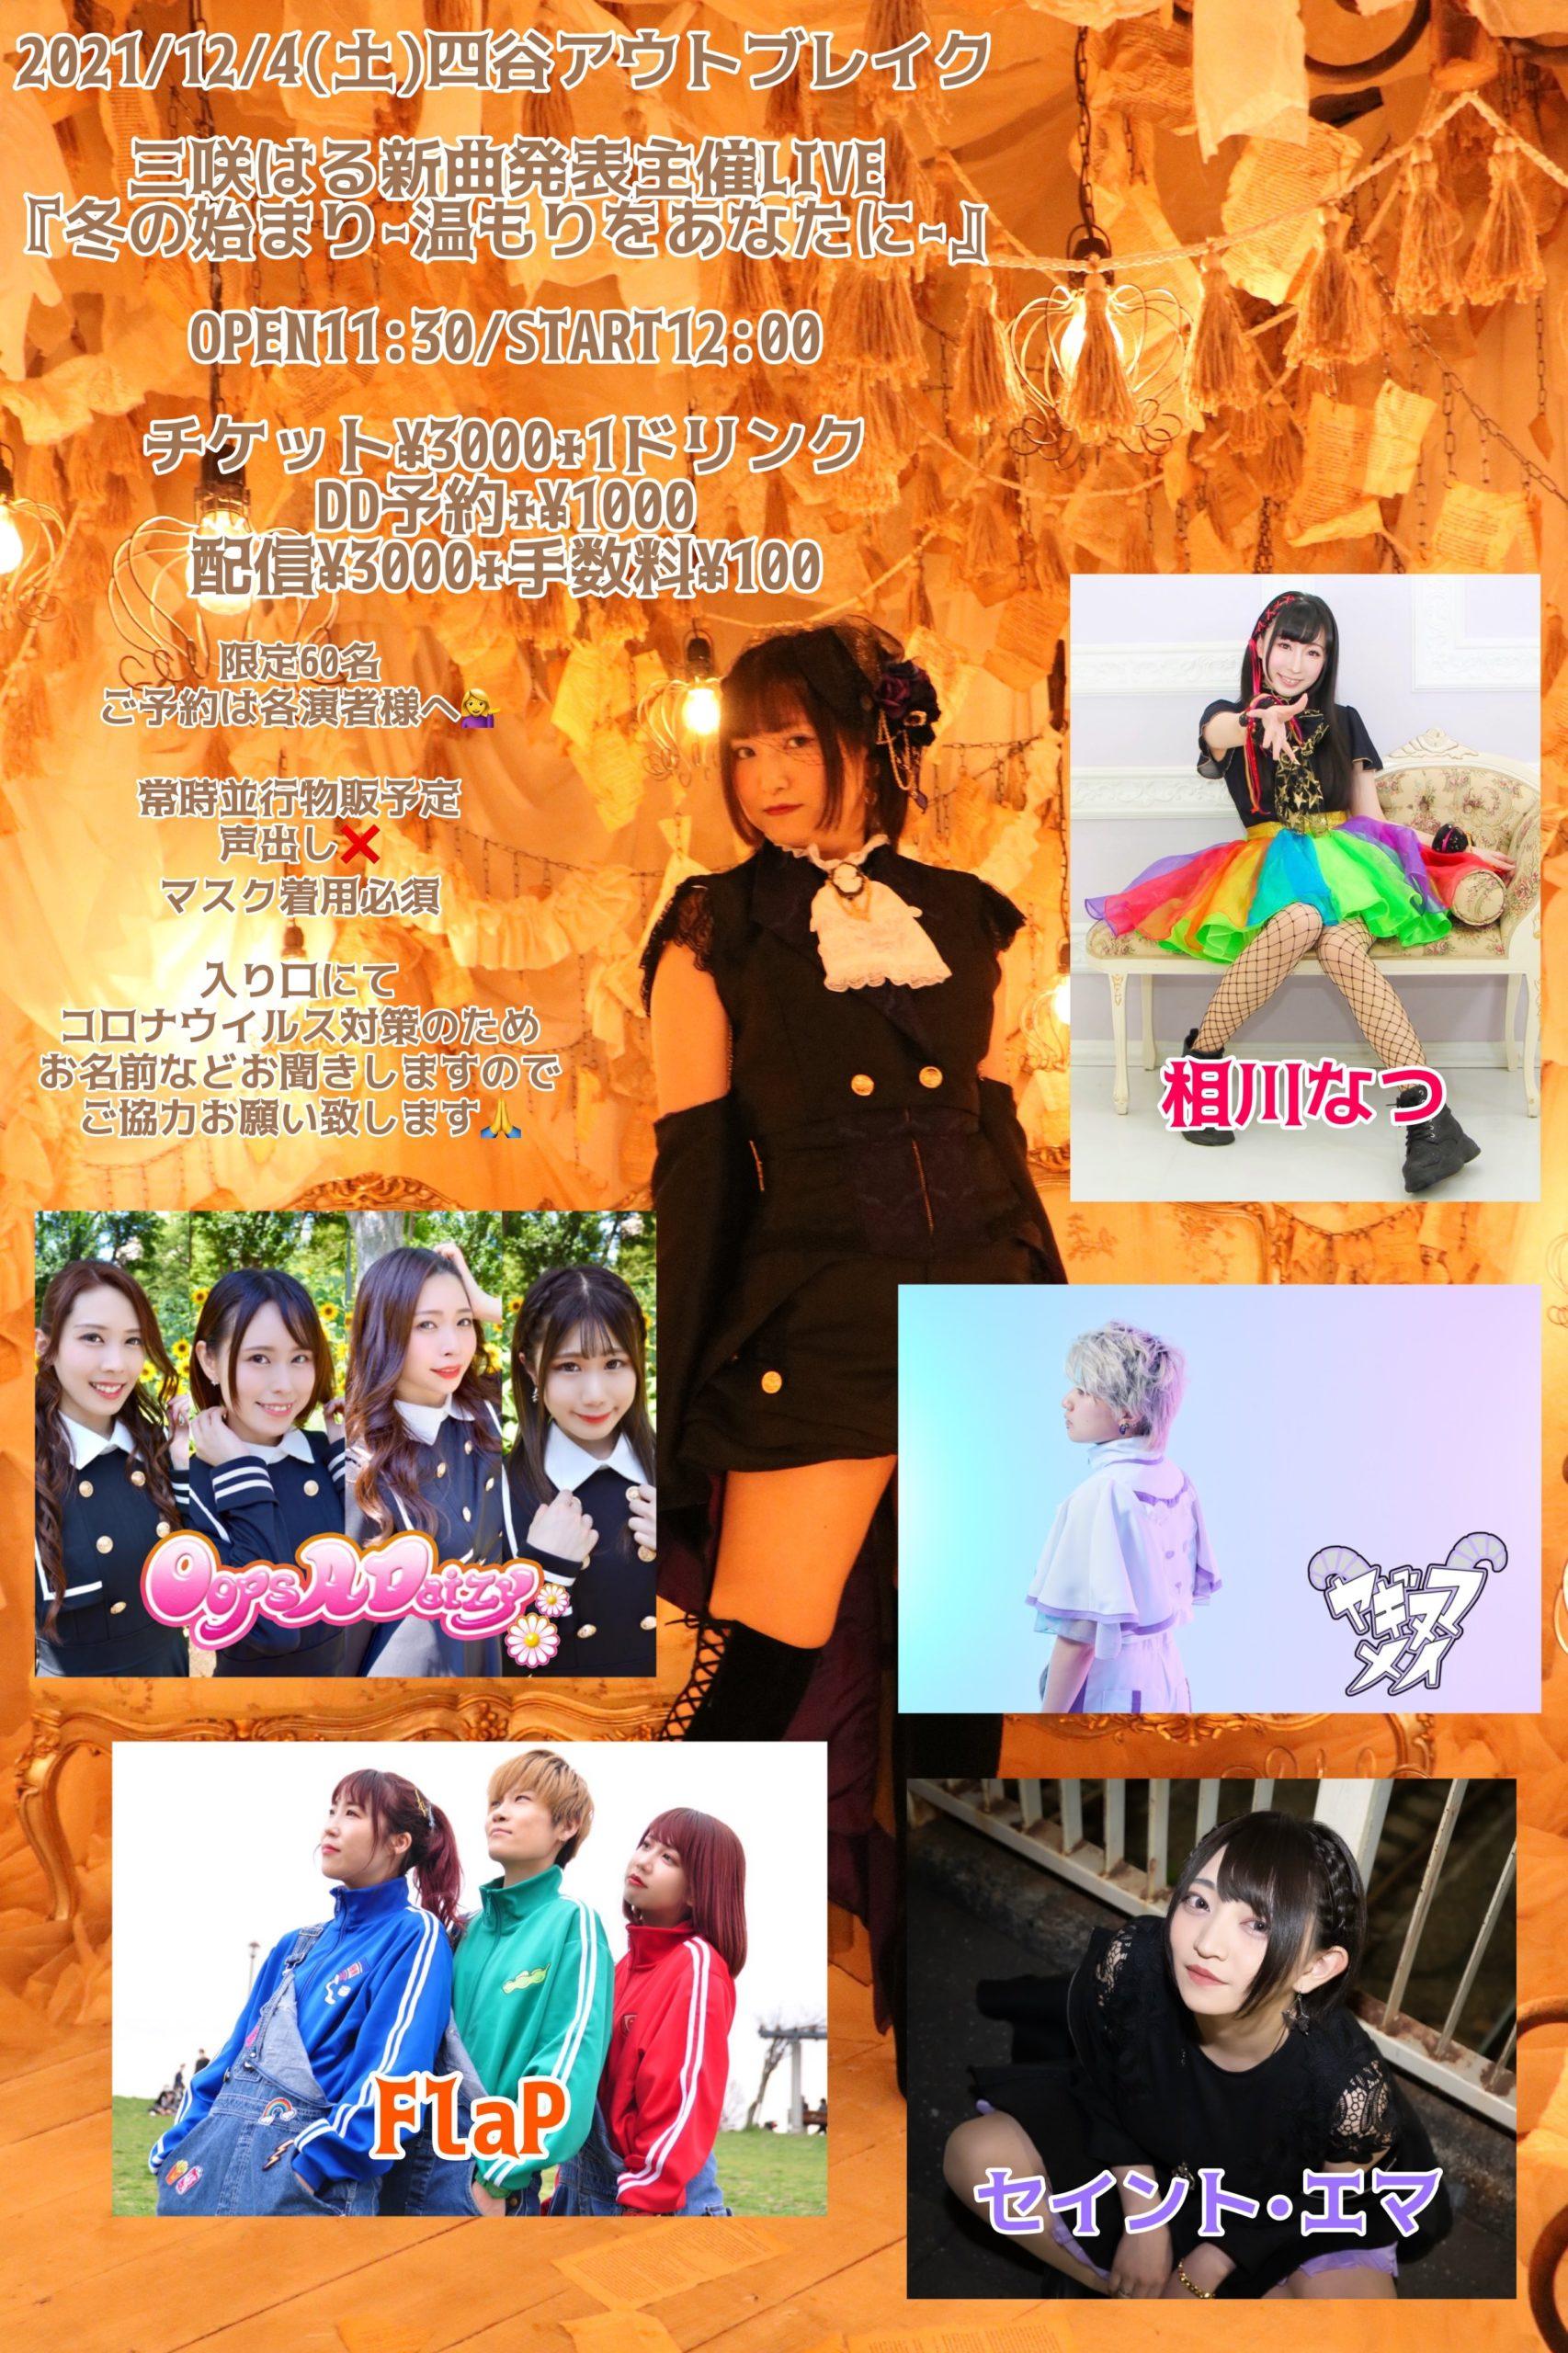 12月4日(土) 三咲はる新曲発表主催LIVE「冬の始まり-温もりをあなたに-」に出演します!!!